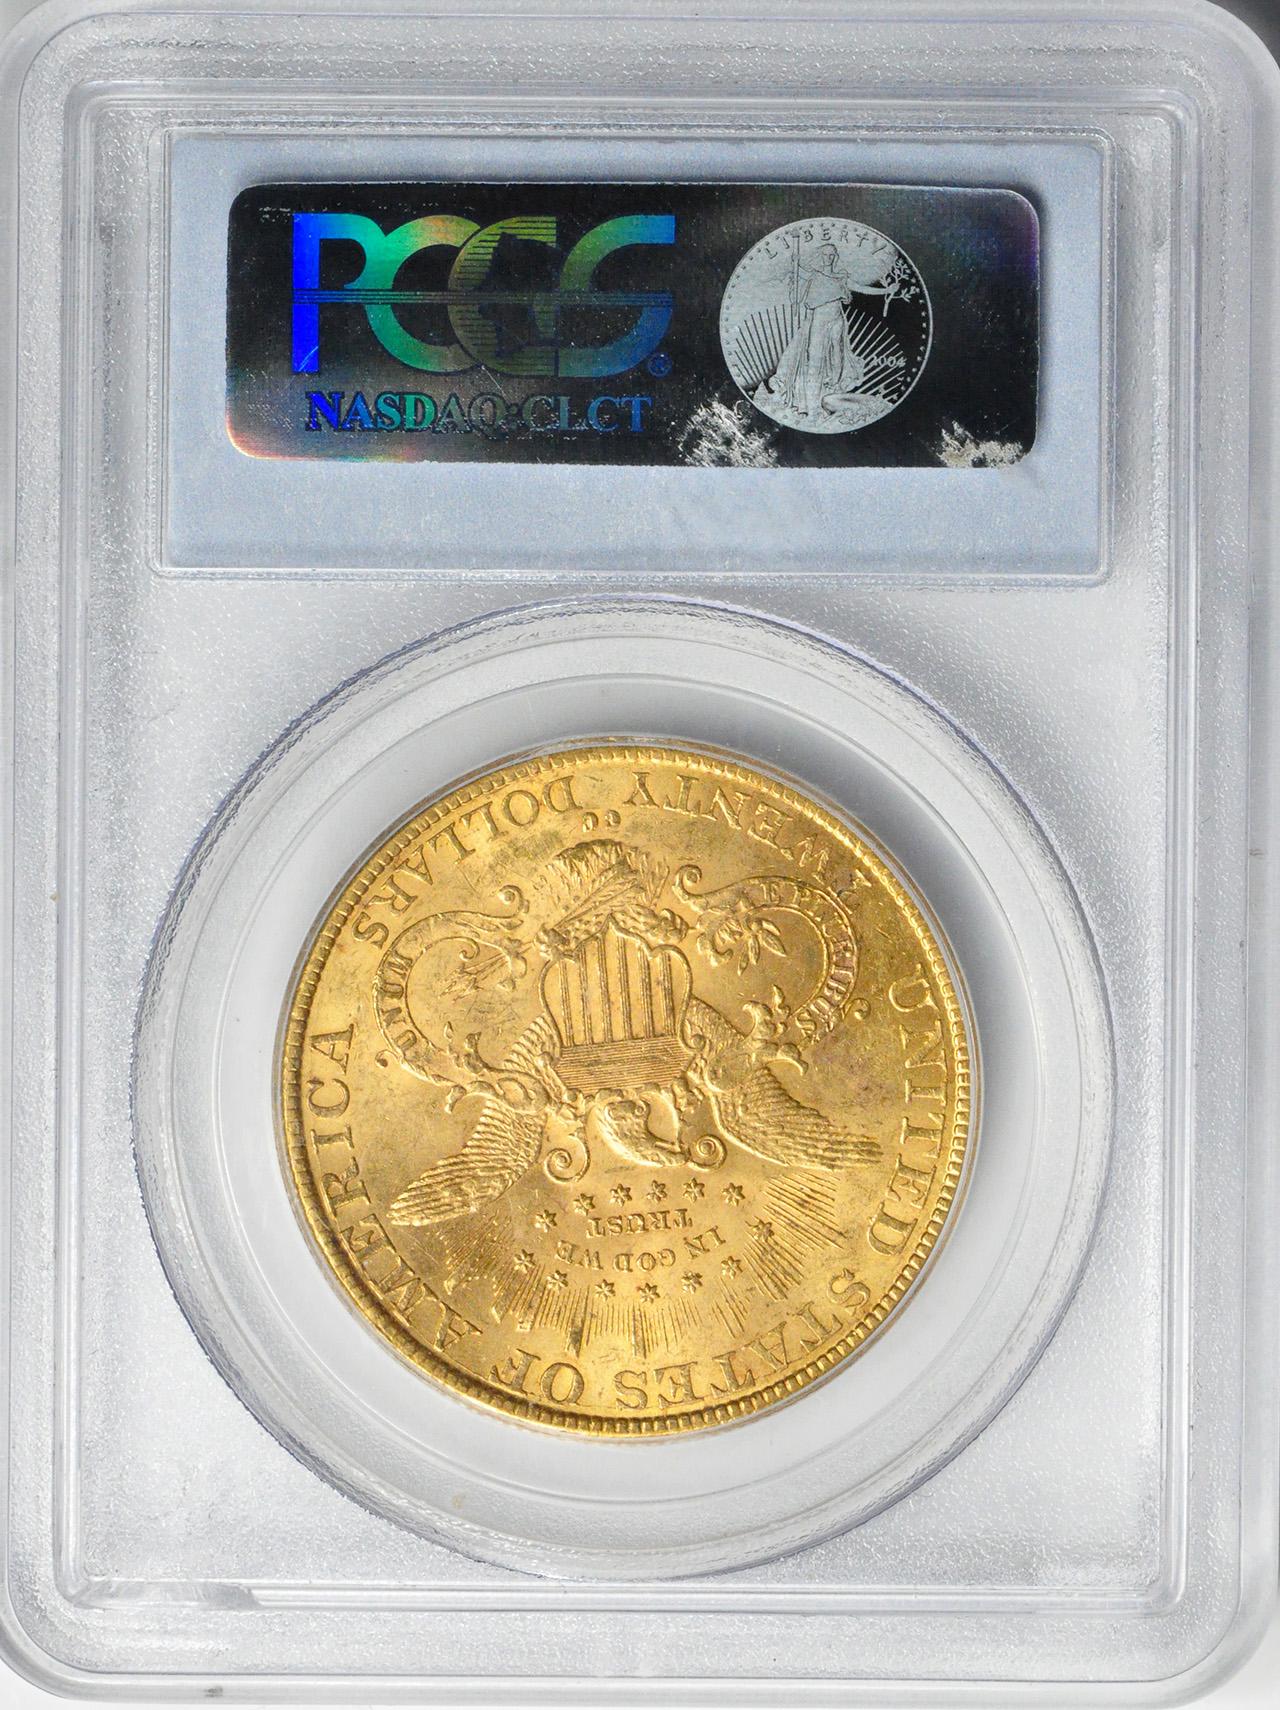 【右肩上がり】アンティークコイン アメリカ 20ドル金貨リバティヘッド1890-CC $20 Liberty Head Double Eagle PCGS MS62